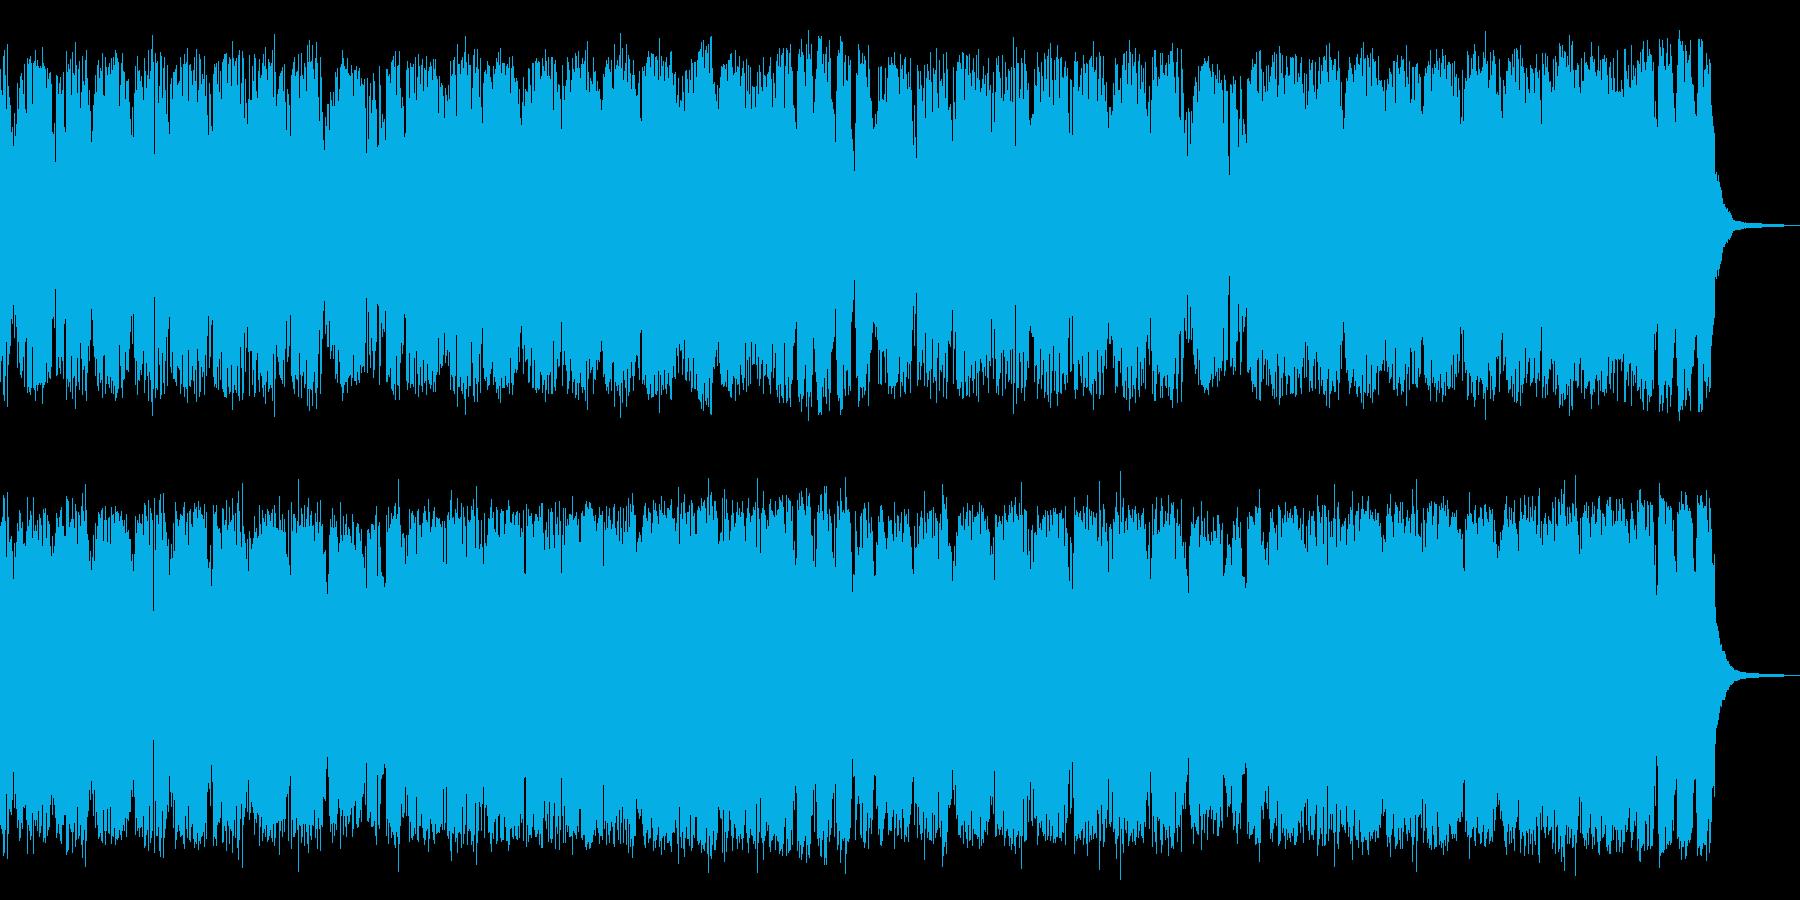 アクション洋画風、外車のワイルドCM風の再生済みの波形